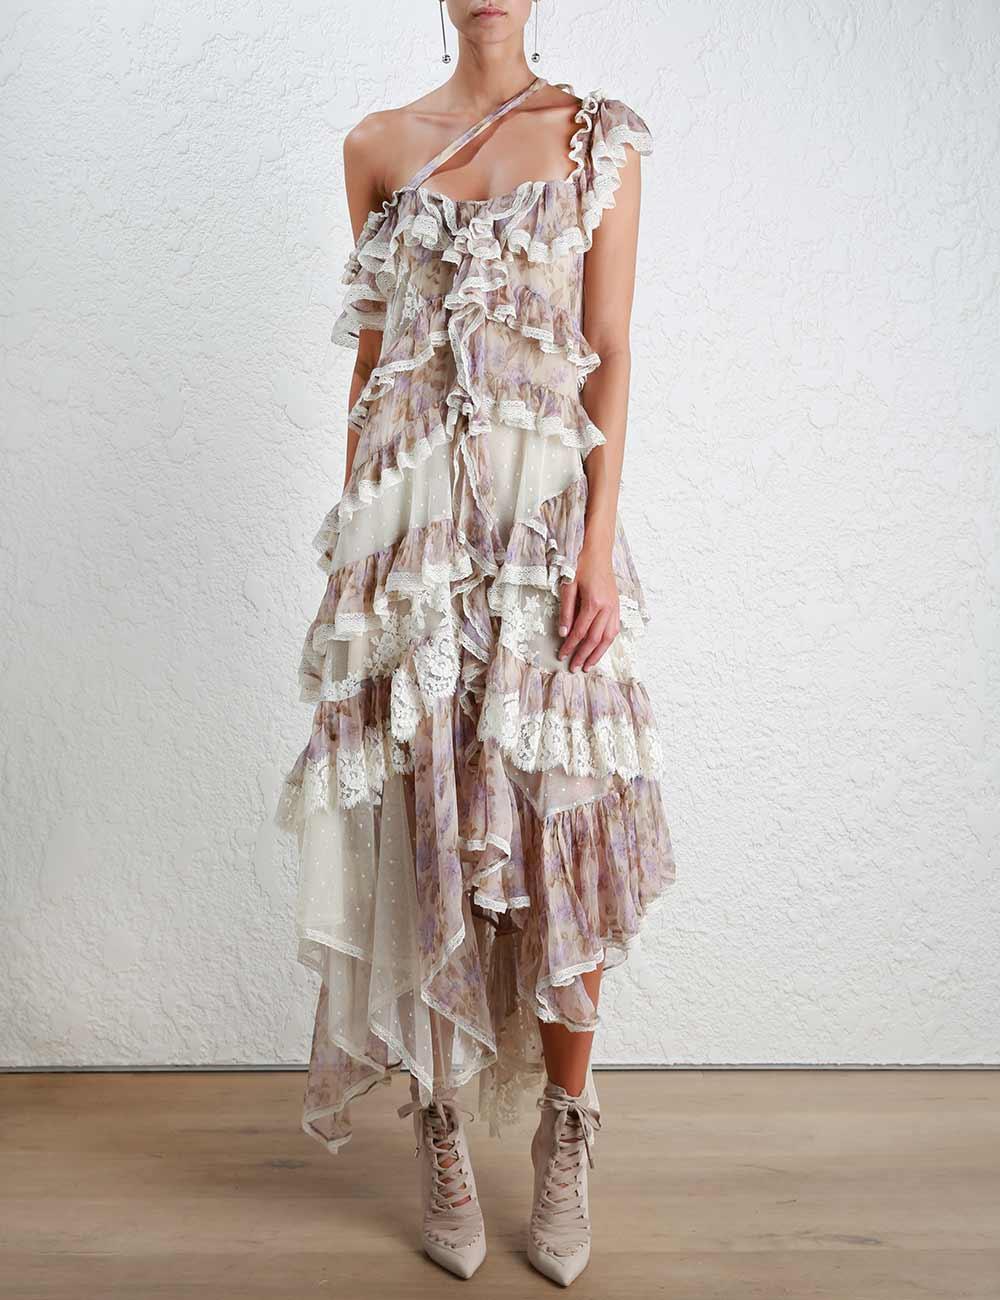 da0bac0a72be Zimmermann Stranded Opus Tier Dress - Lyst